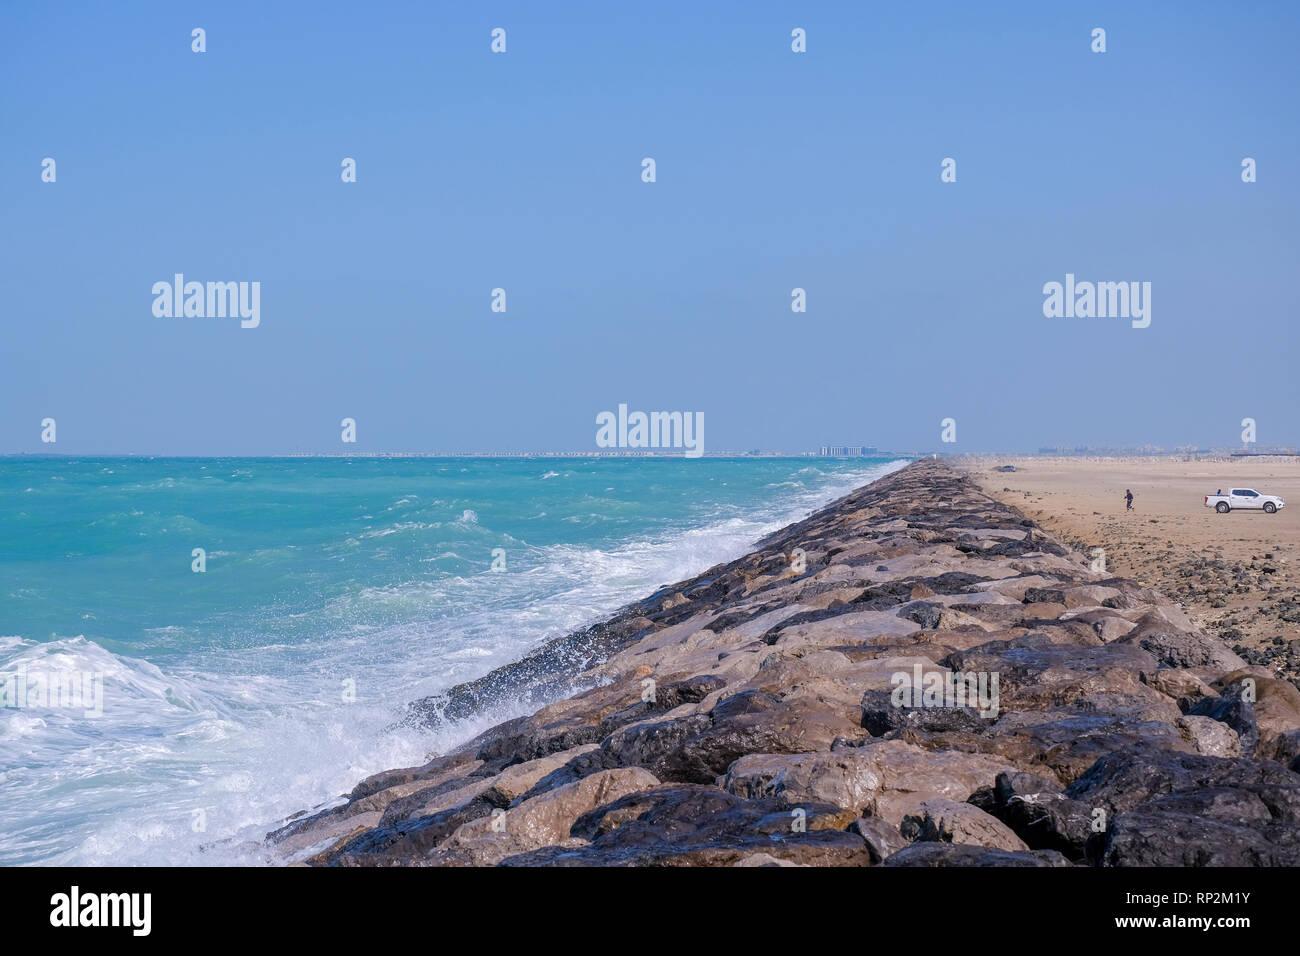 abu dhabi wetter